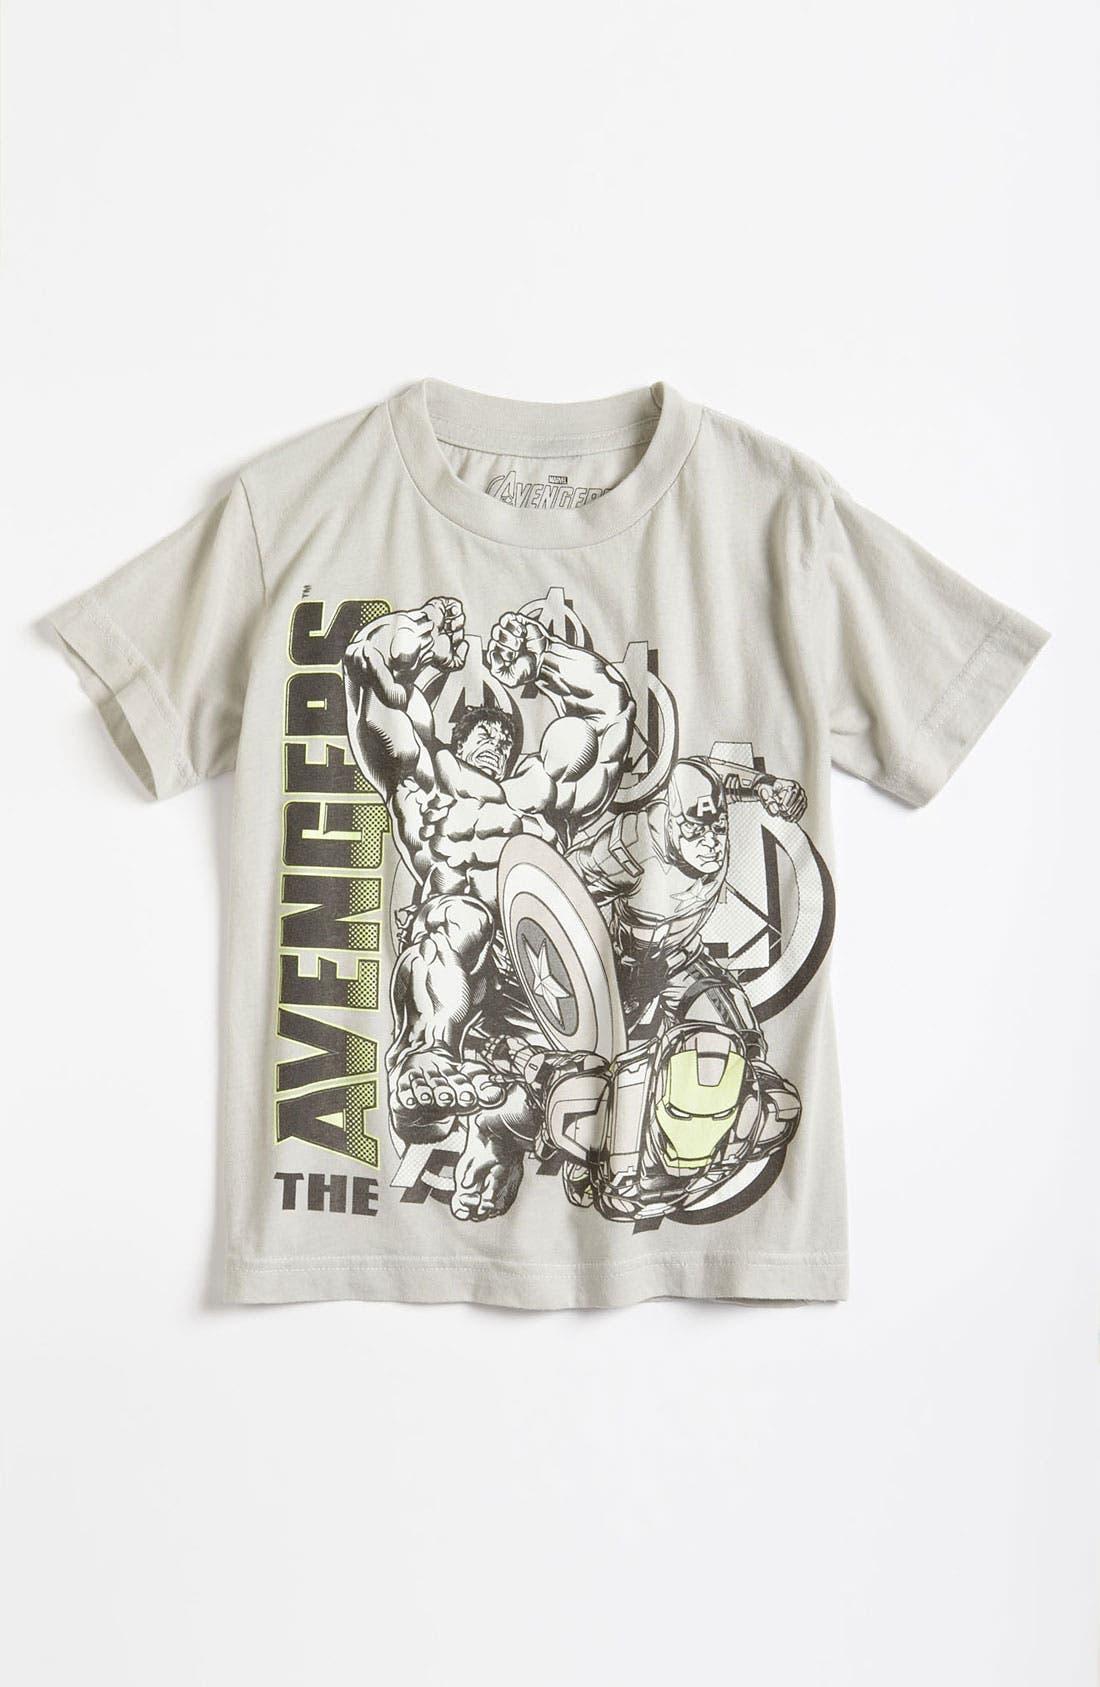 Alternate Image 1 Selected - Jem 'The Avengers™' Glow in the Dark T-Shirt (Little Boys)